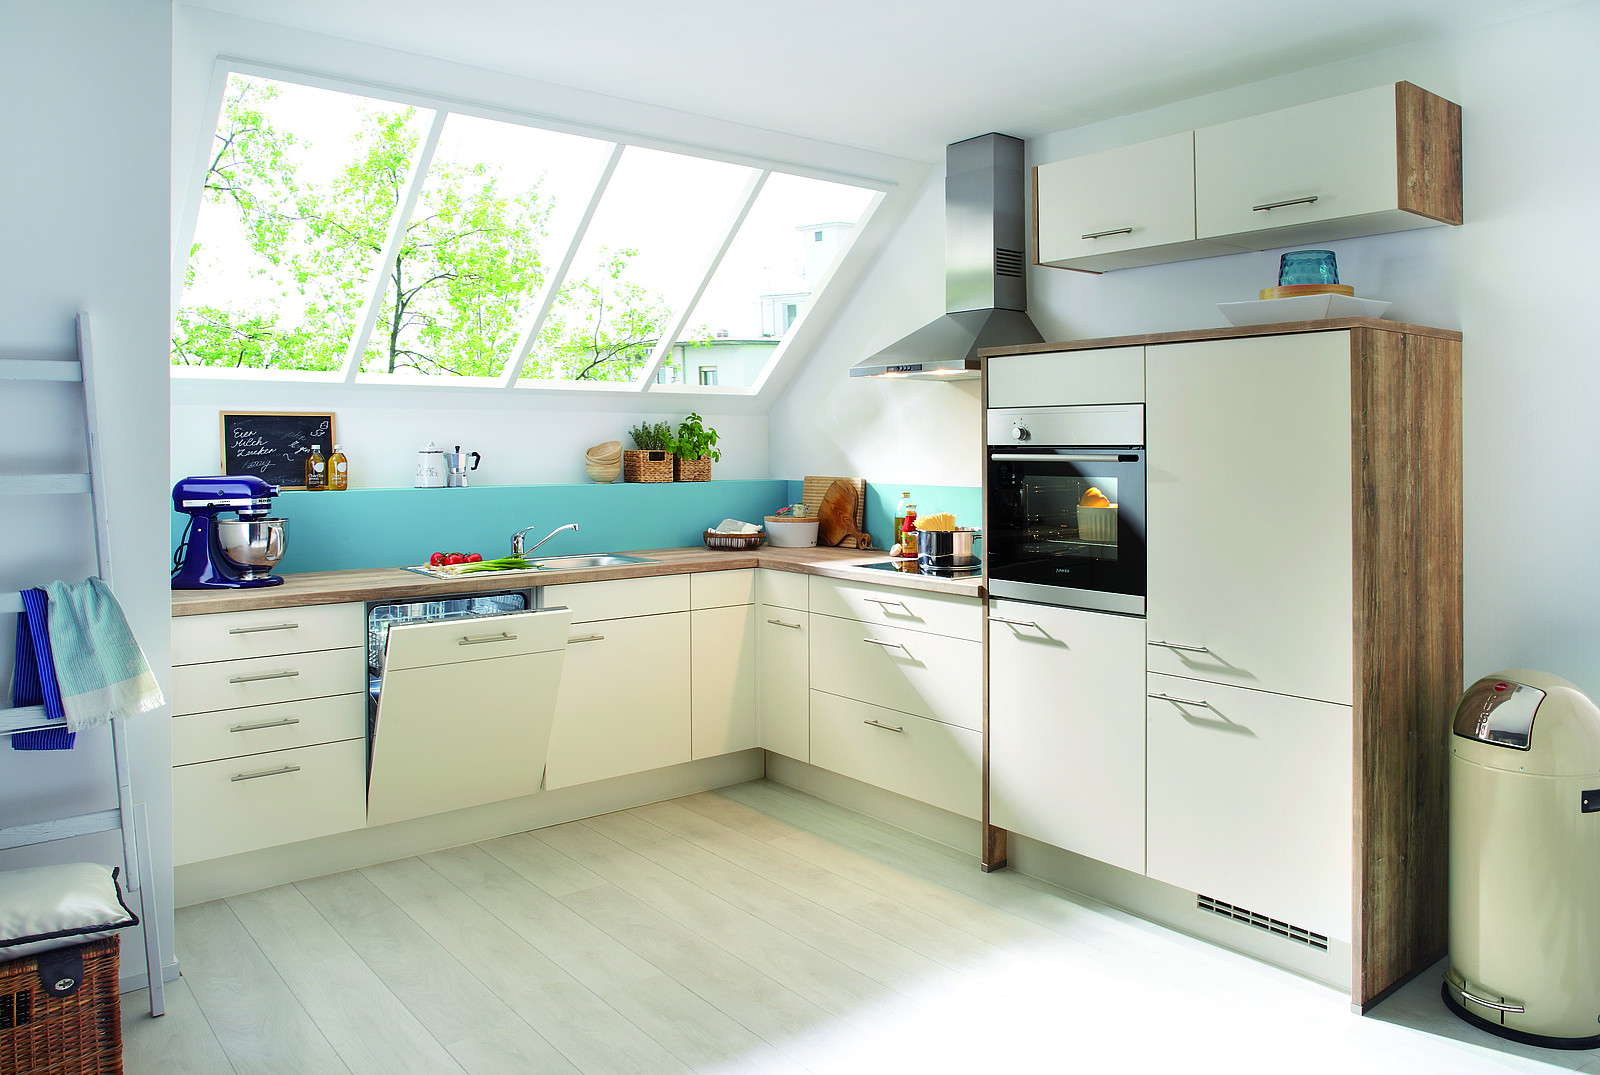 Full Size of Inselküche Ikea Abverkauf Küche Kosten Betten Bei 160x200 Kaufen Modulküche Miniküche Sofa Mit Schlaffunktion Wohnzimmer Inselküche Ikea